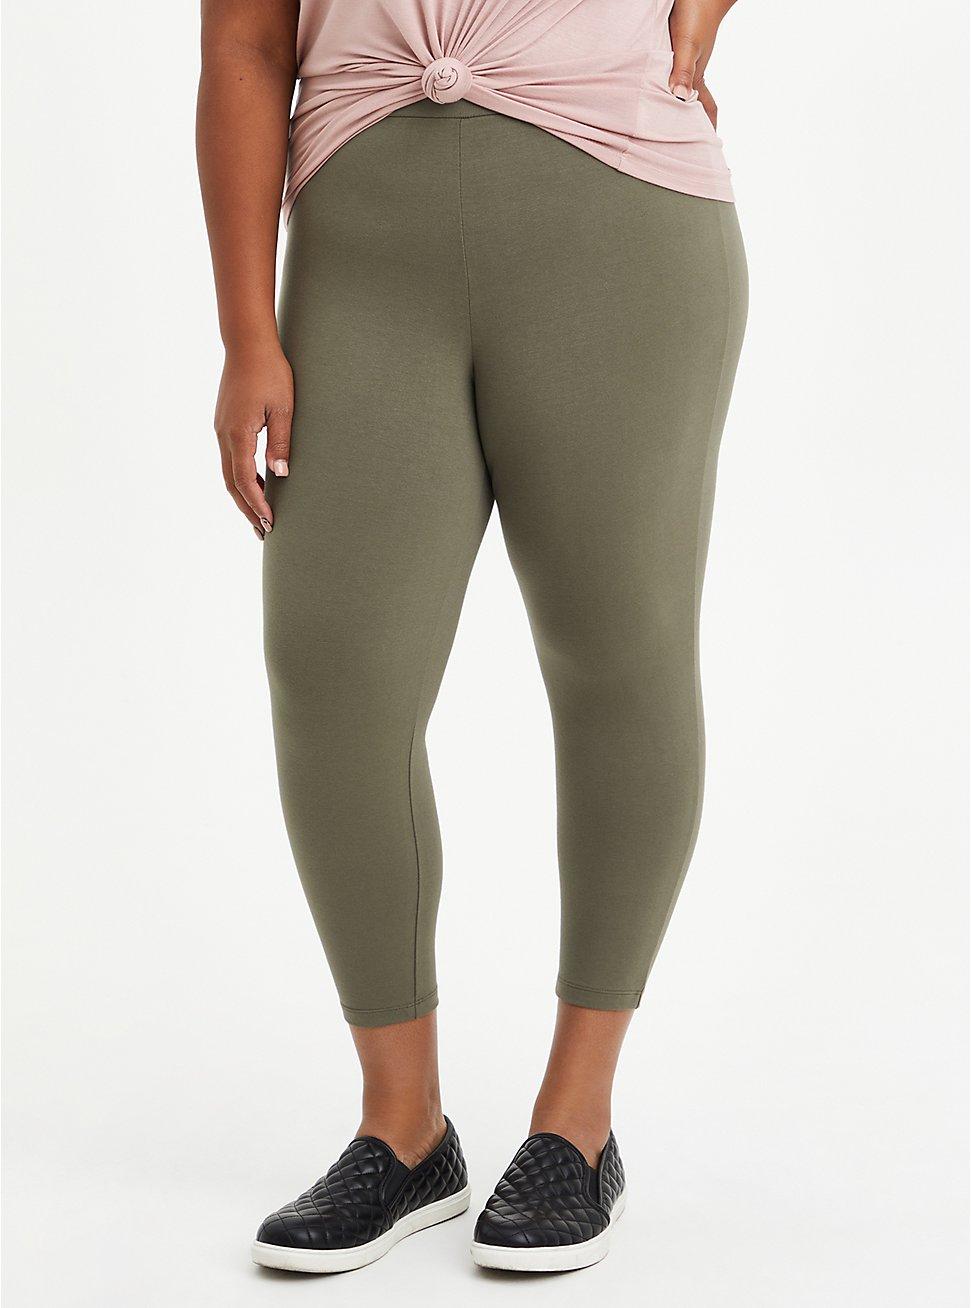 Crop Premium Legging - Olive, GREEN, hi-res